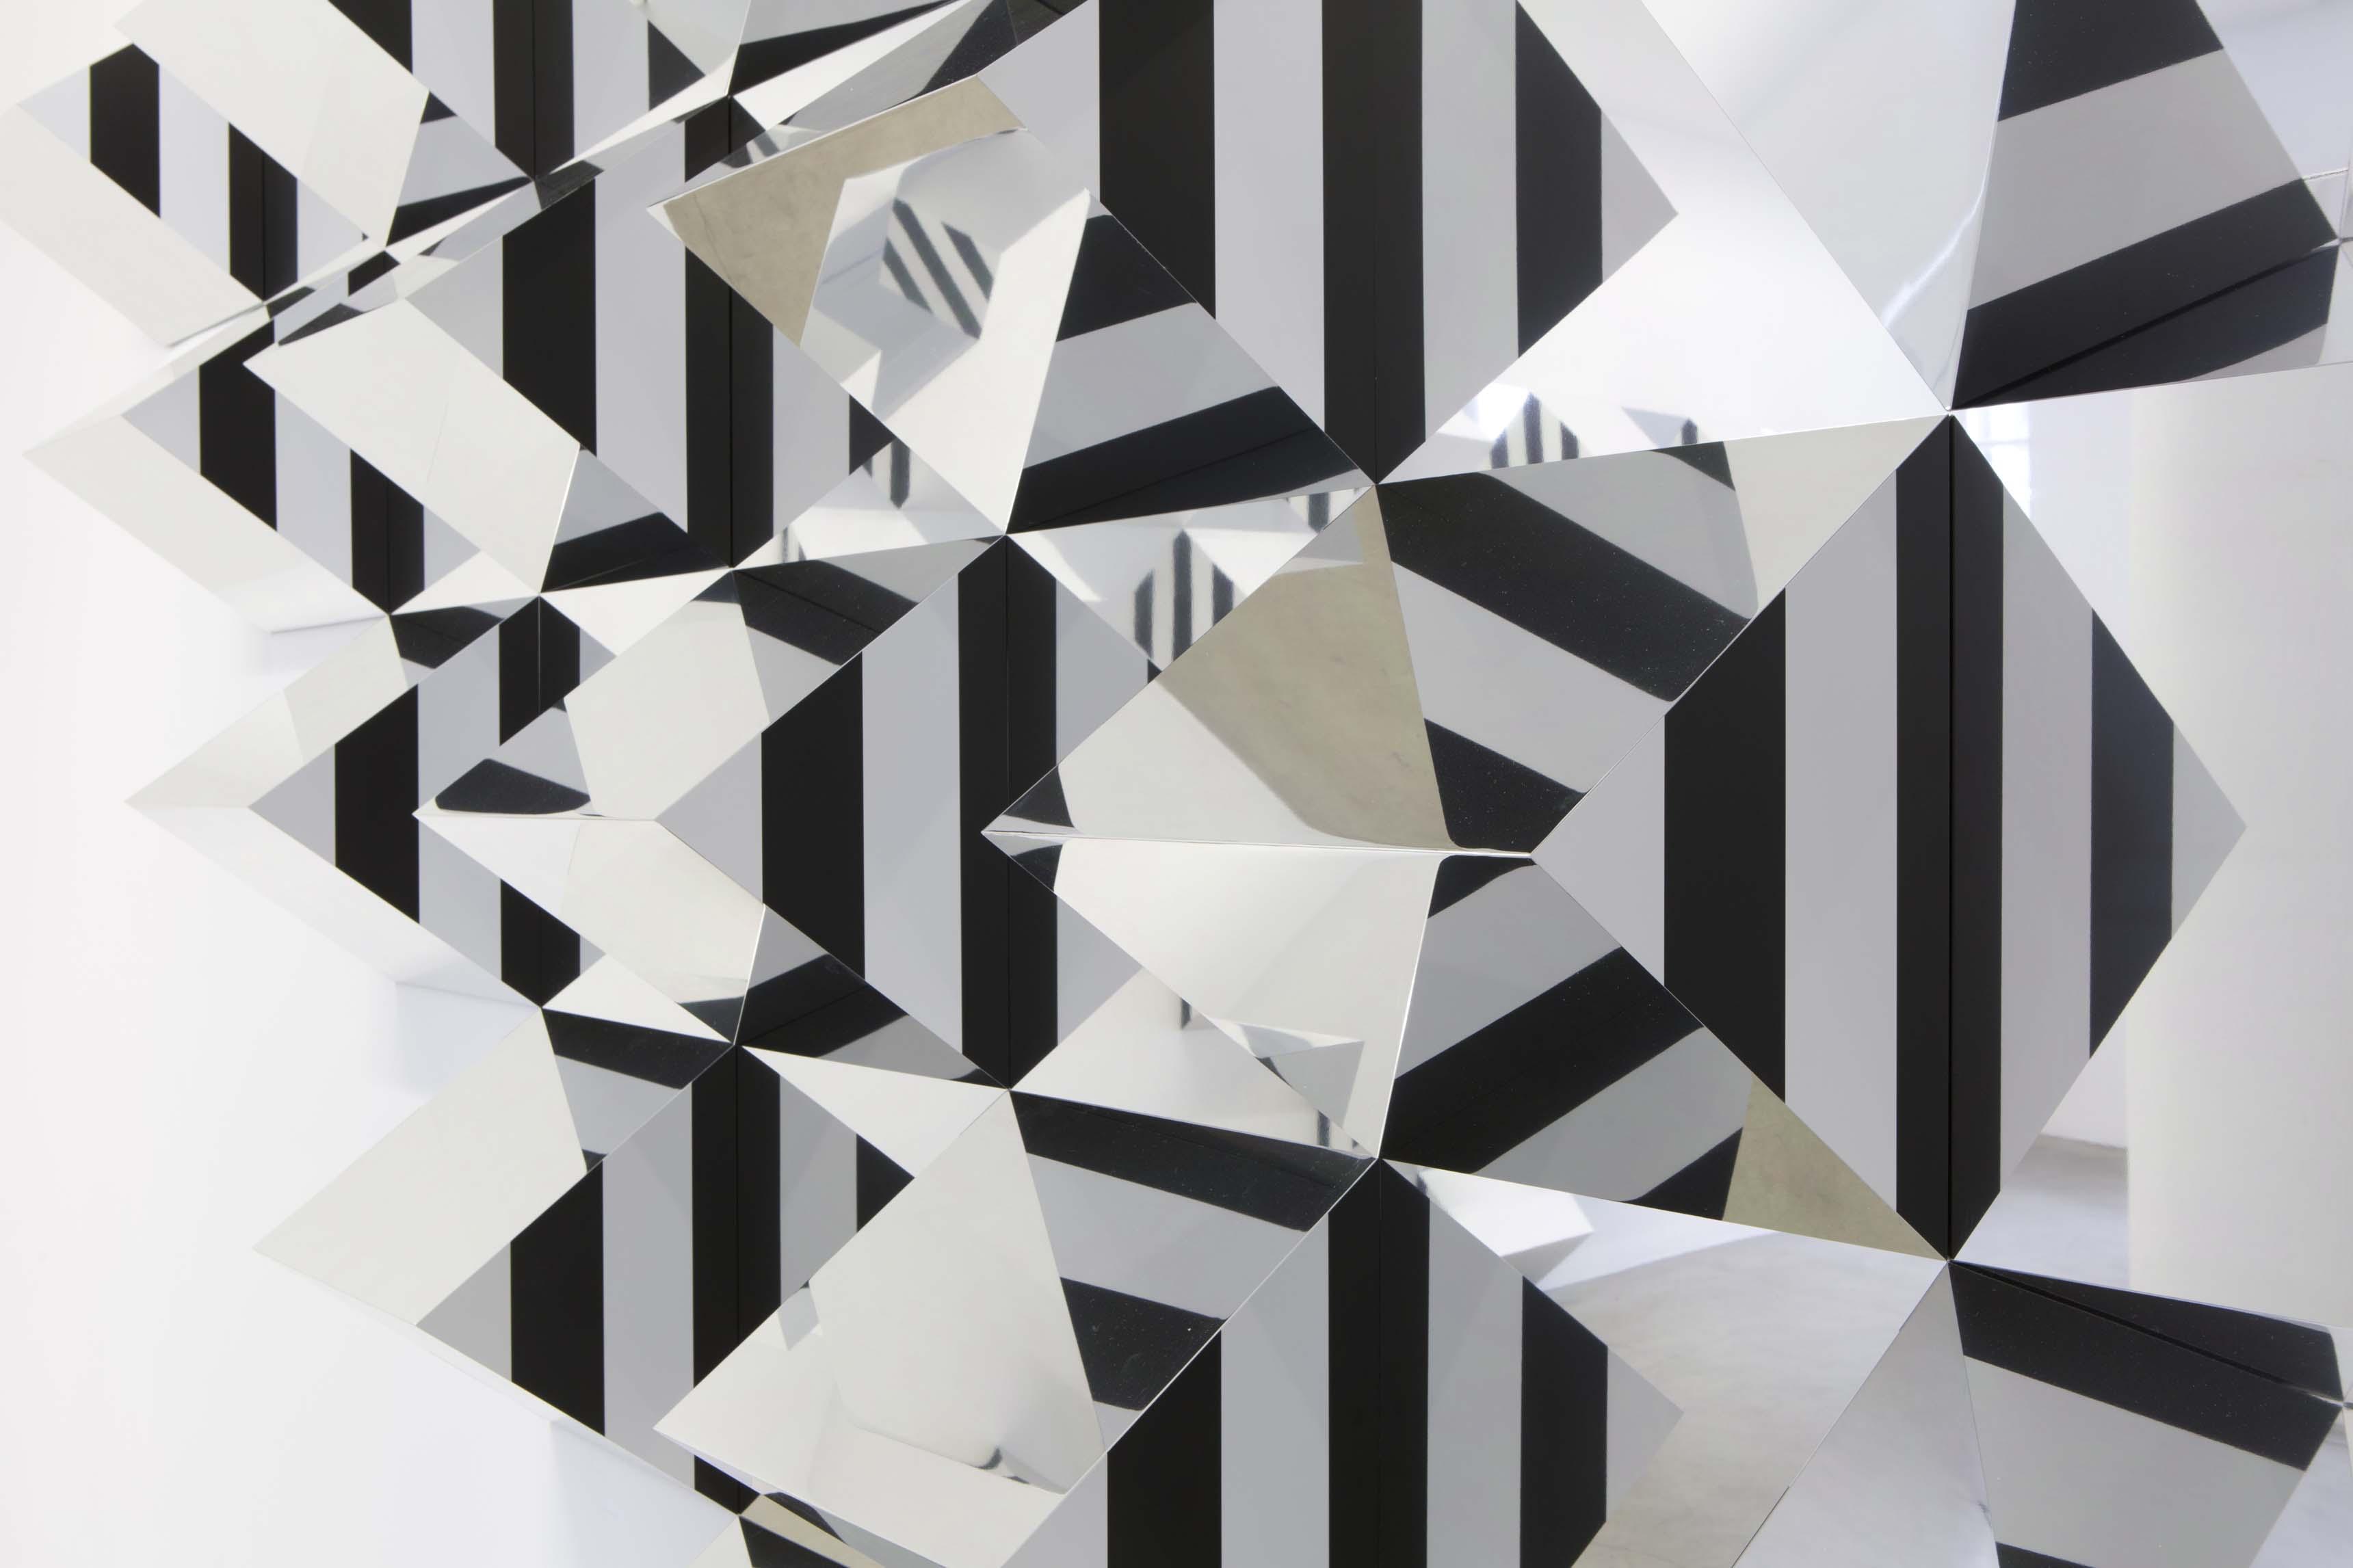 Pyramidal. Haut-relief - A 4, 2017 Prismes en aluminium, peinture acrylique satinée blanche (RAL 9003), panneaux composites aluminium Alucobond® (aspect miroir), bandes de vinyle auto-adhésif noir de 8,7 cm de large, colle